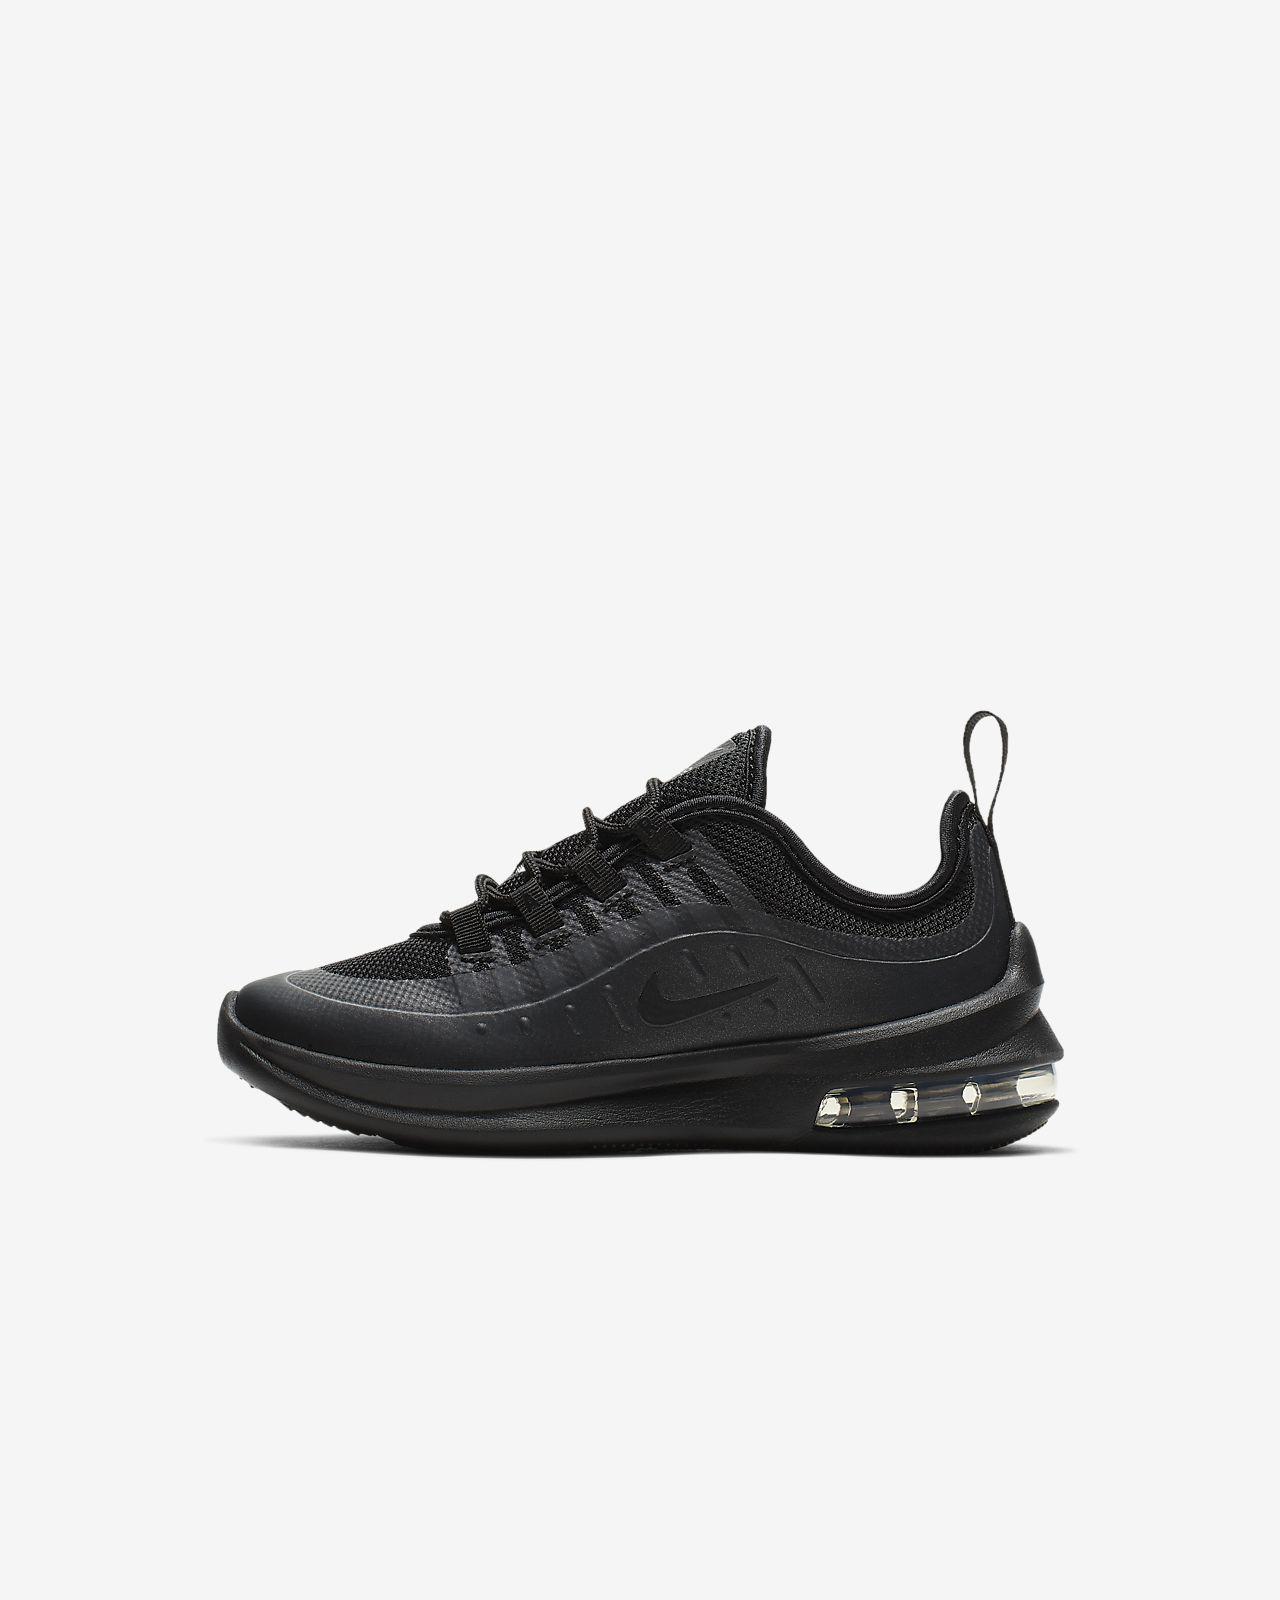 Nike Air Max Axis Laufschuh für Damen in schwarz jetzt